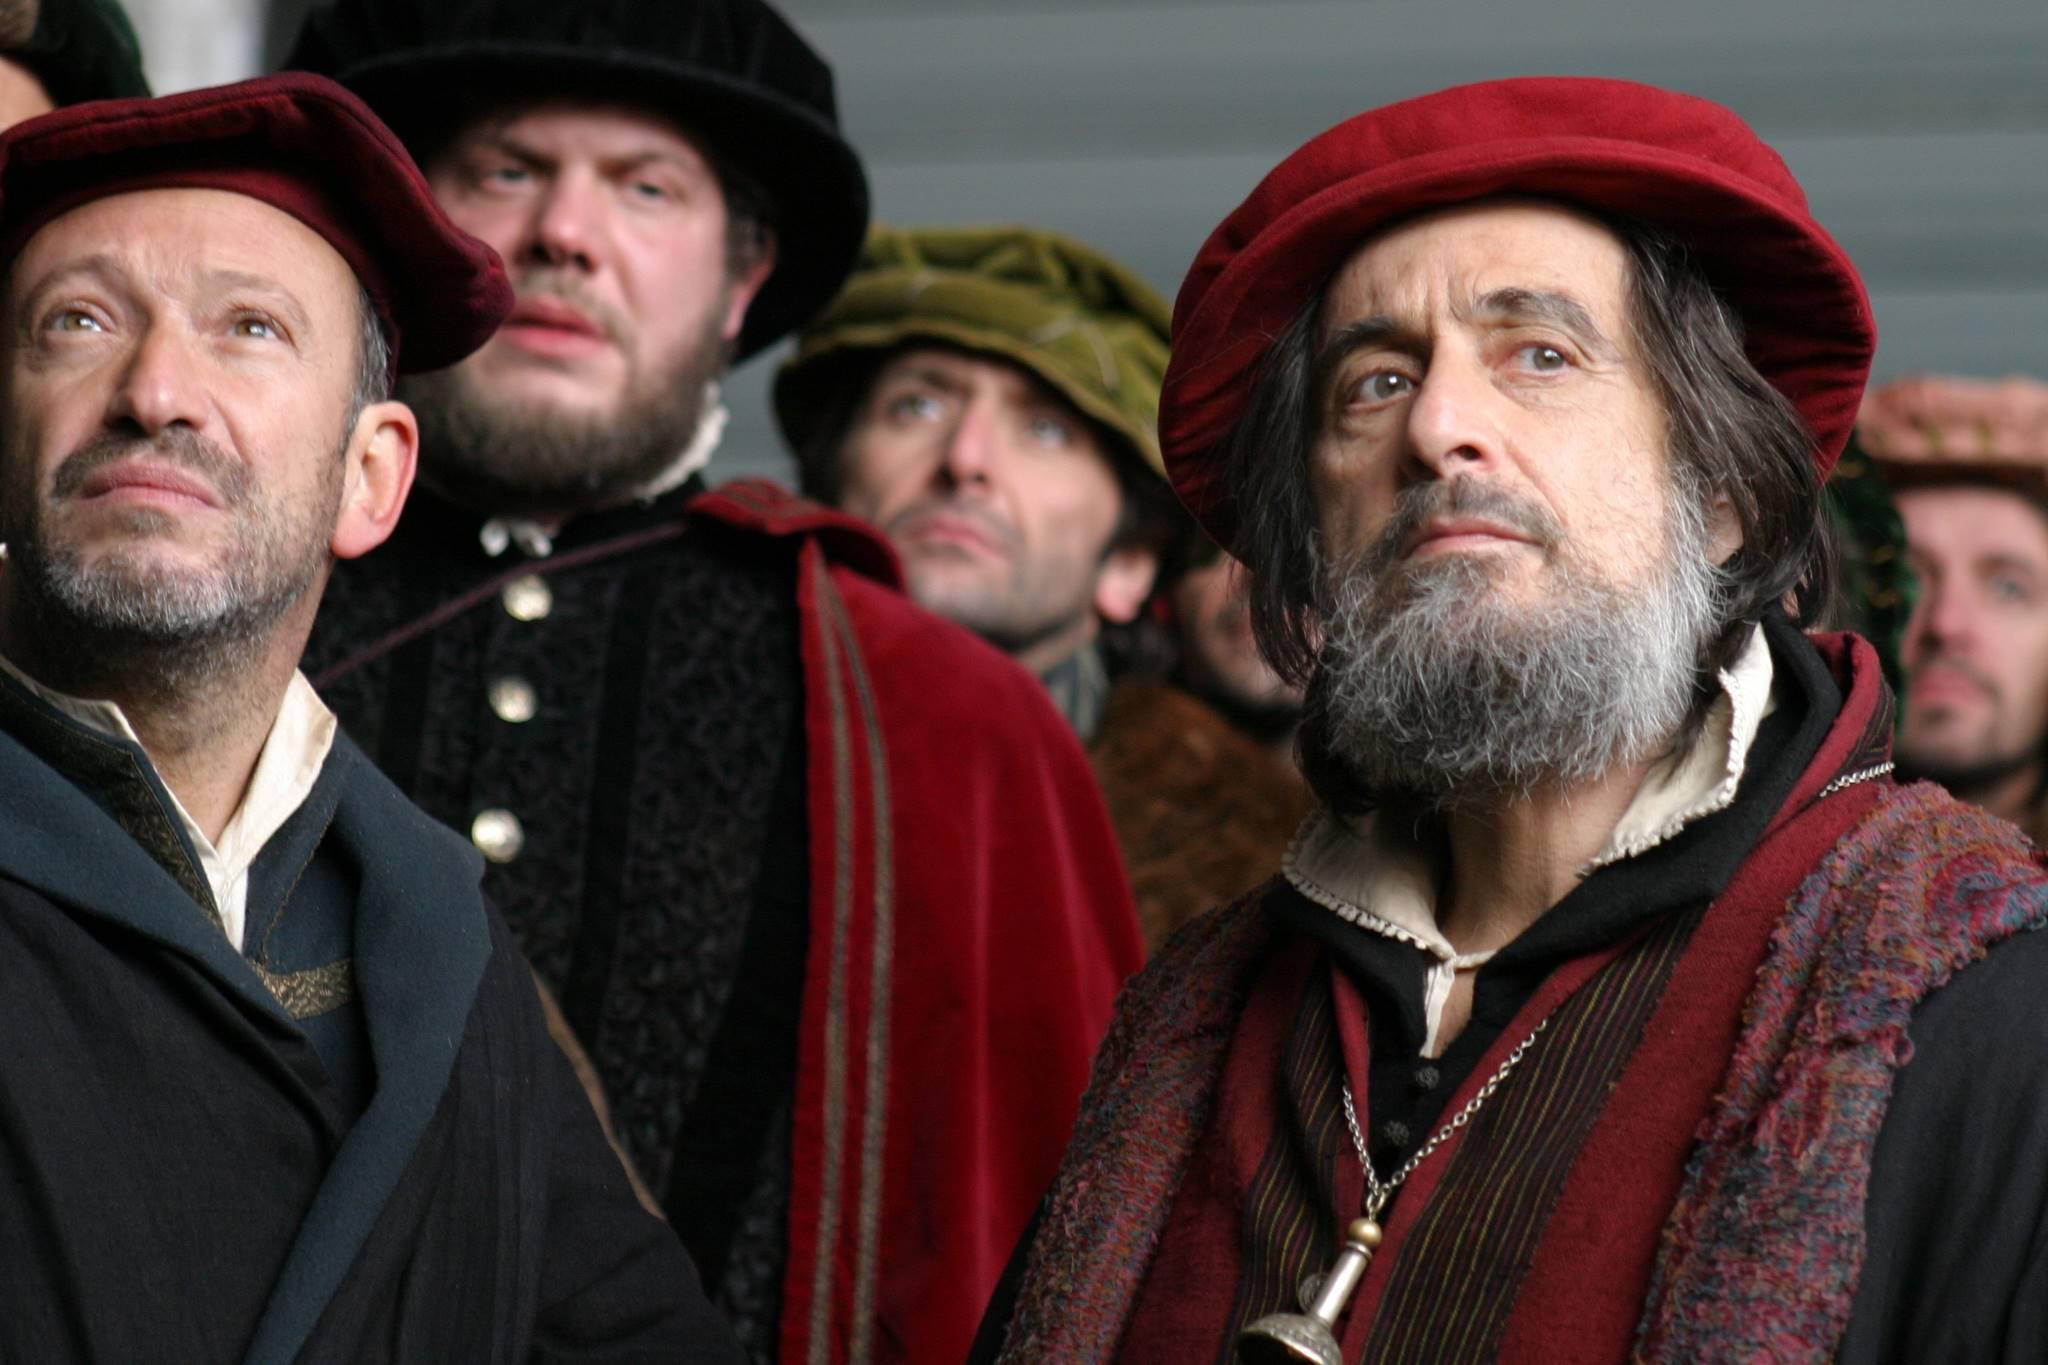 The Merchant of Venice (2004): İntikam İçin Acı Bir İsteğin Hikâyesi